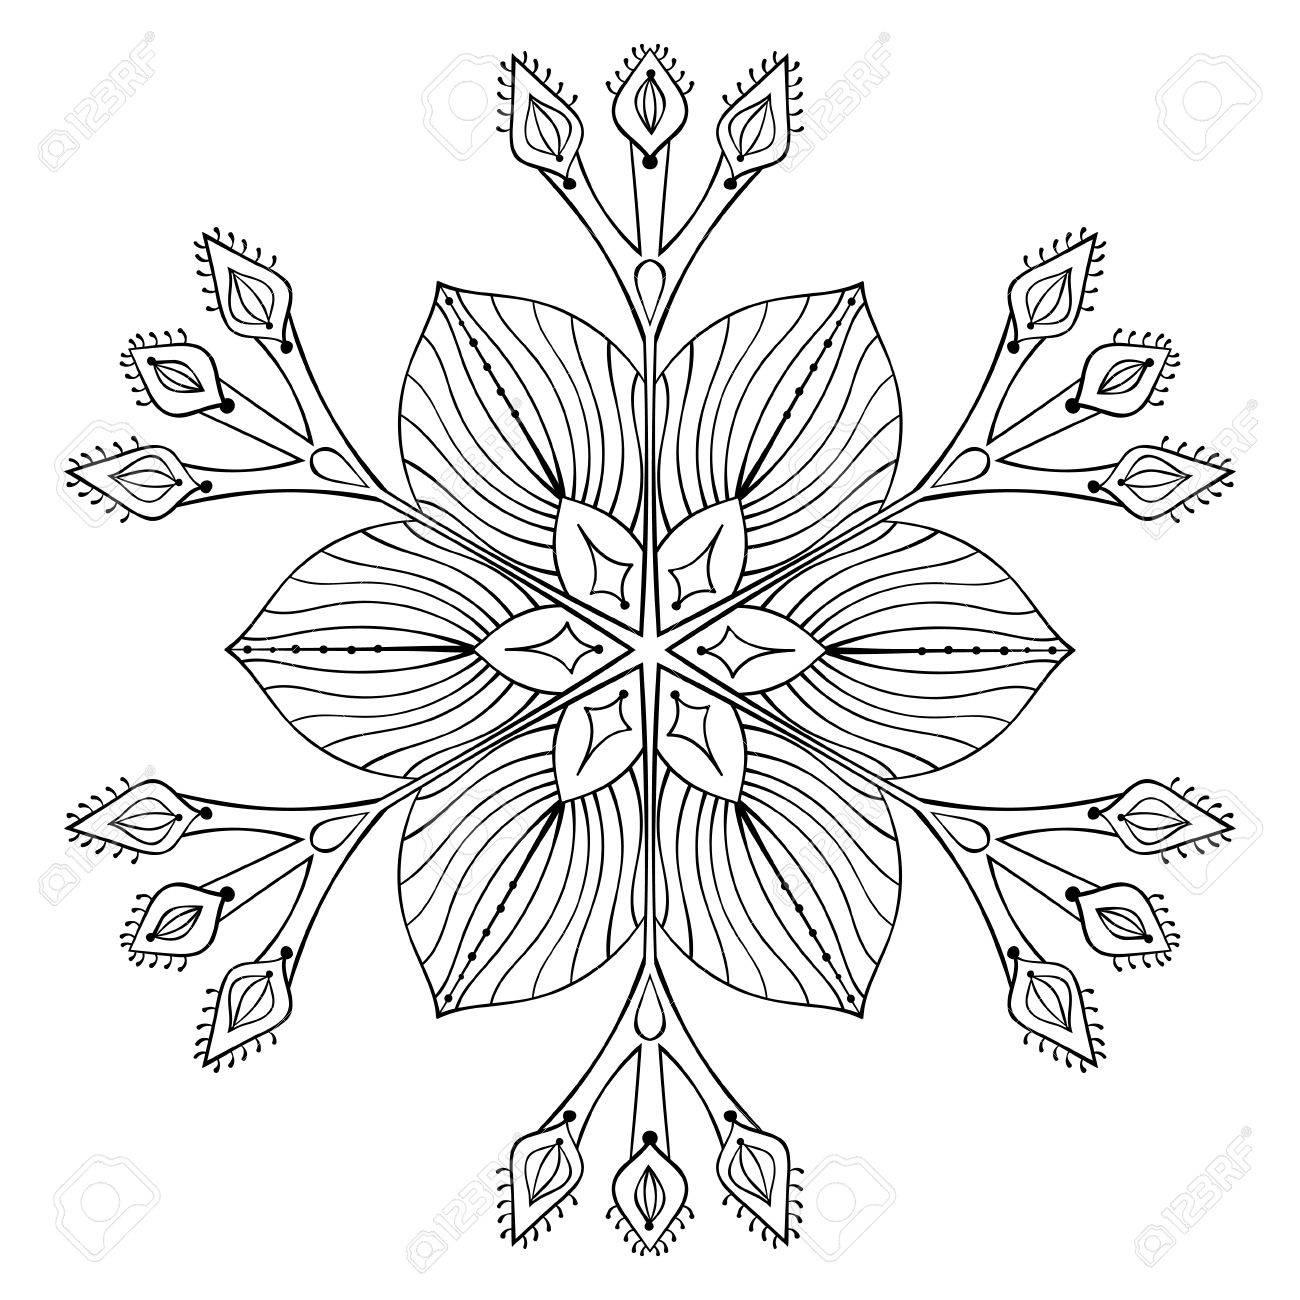 Vector De Copo De Nieve En El Estilo De Dibujo Zentangle Mandala